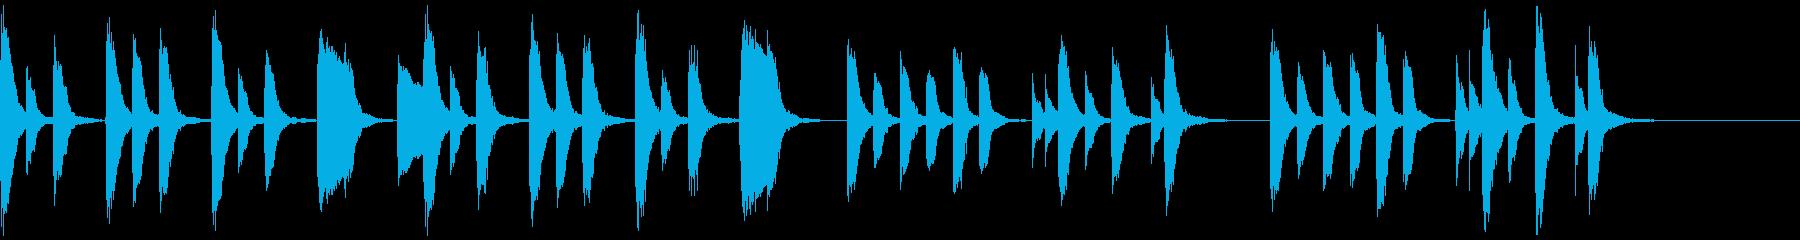 知育・料理・パズル・日常ピアノ20Aの再生済みの波形